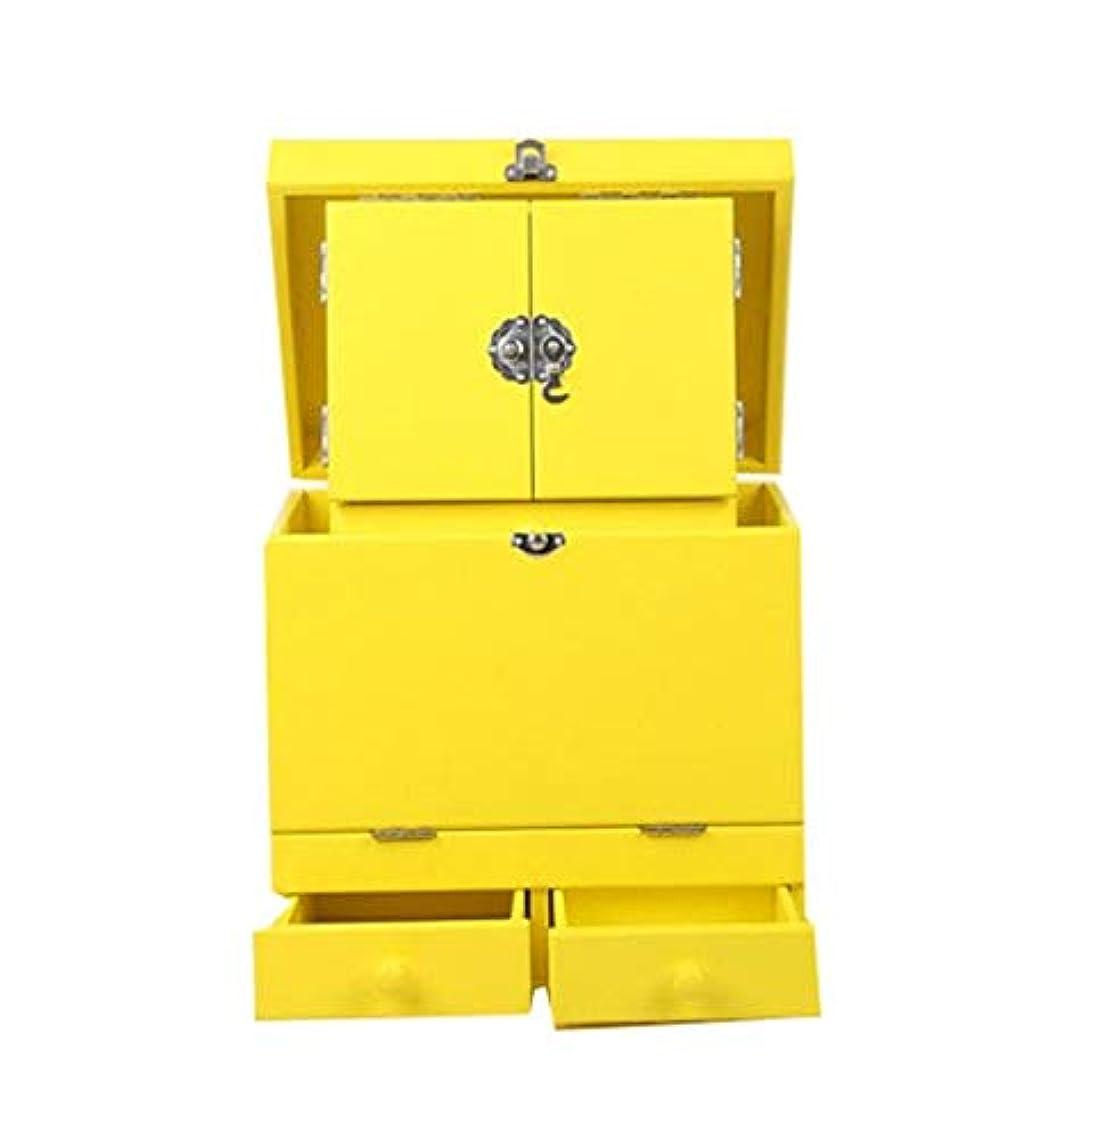 まろやかなルーキー王室化粧箱、黄色のダブルデッカーヴィンテージ木製彫刻が施された化粧ケース、ミラー、高級ウェディングギフト、新築祝いギフト、美容ネイルジュエリー収納ボックス